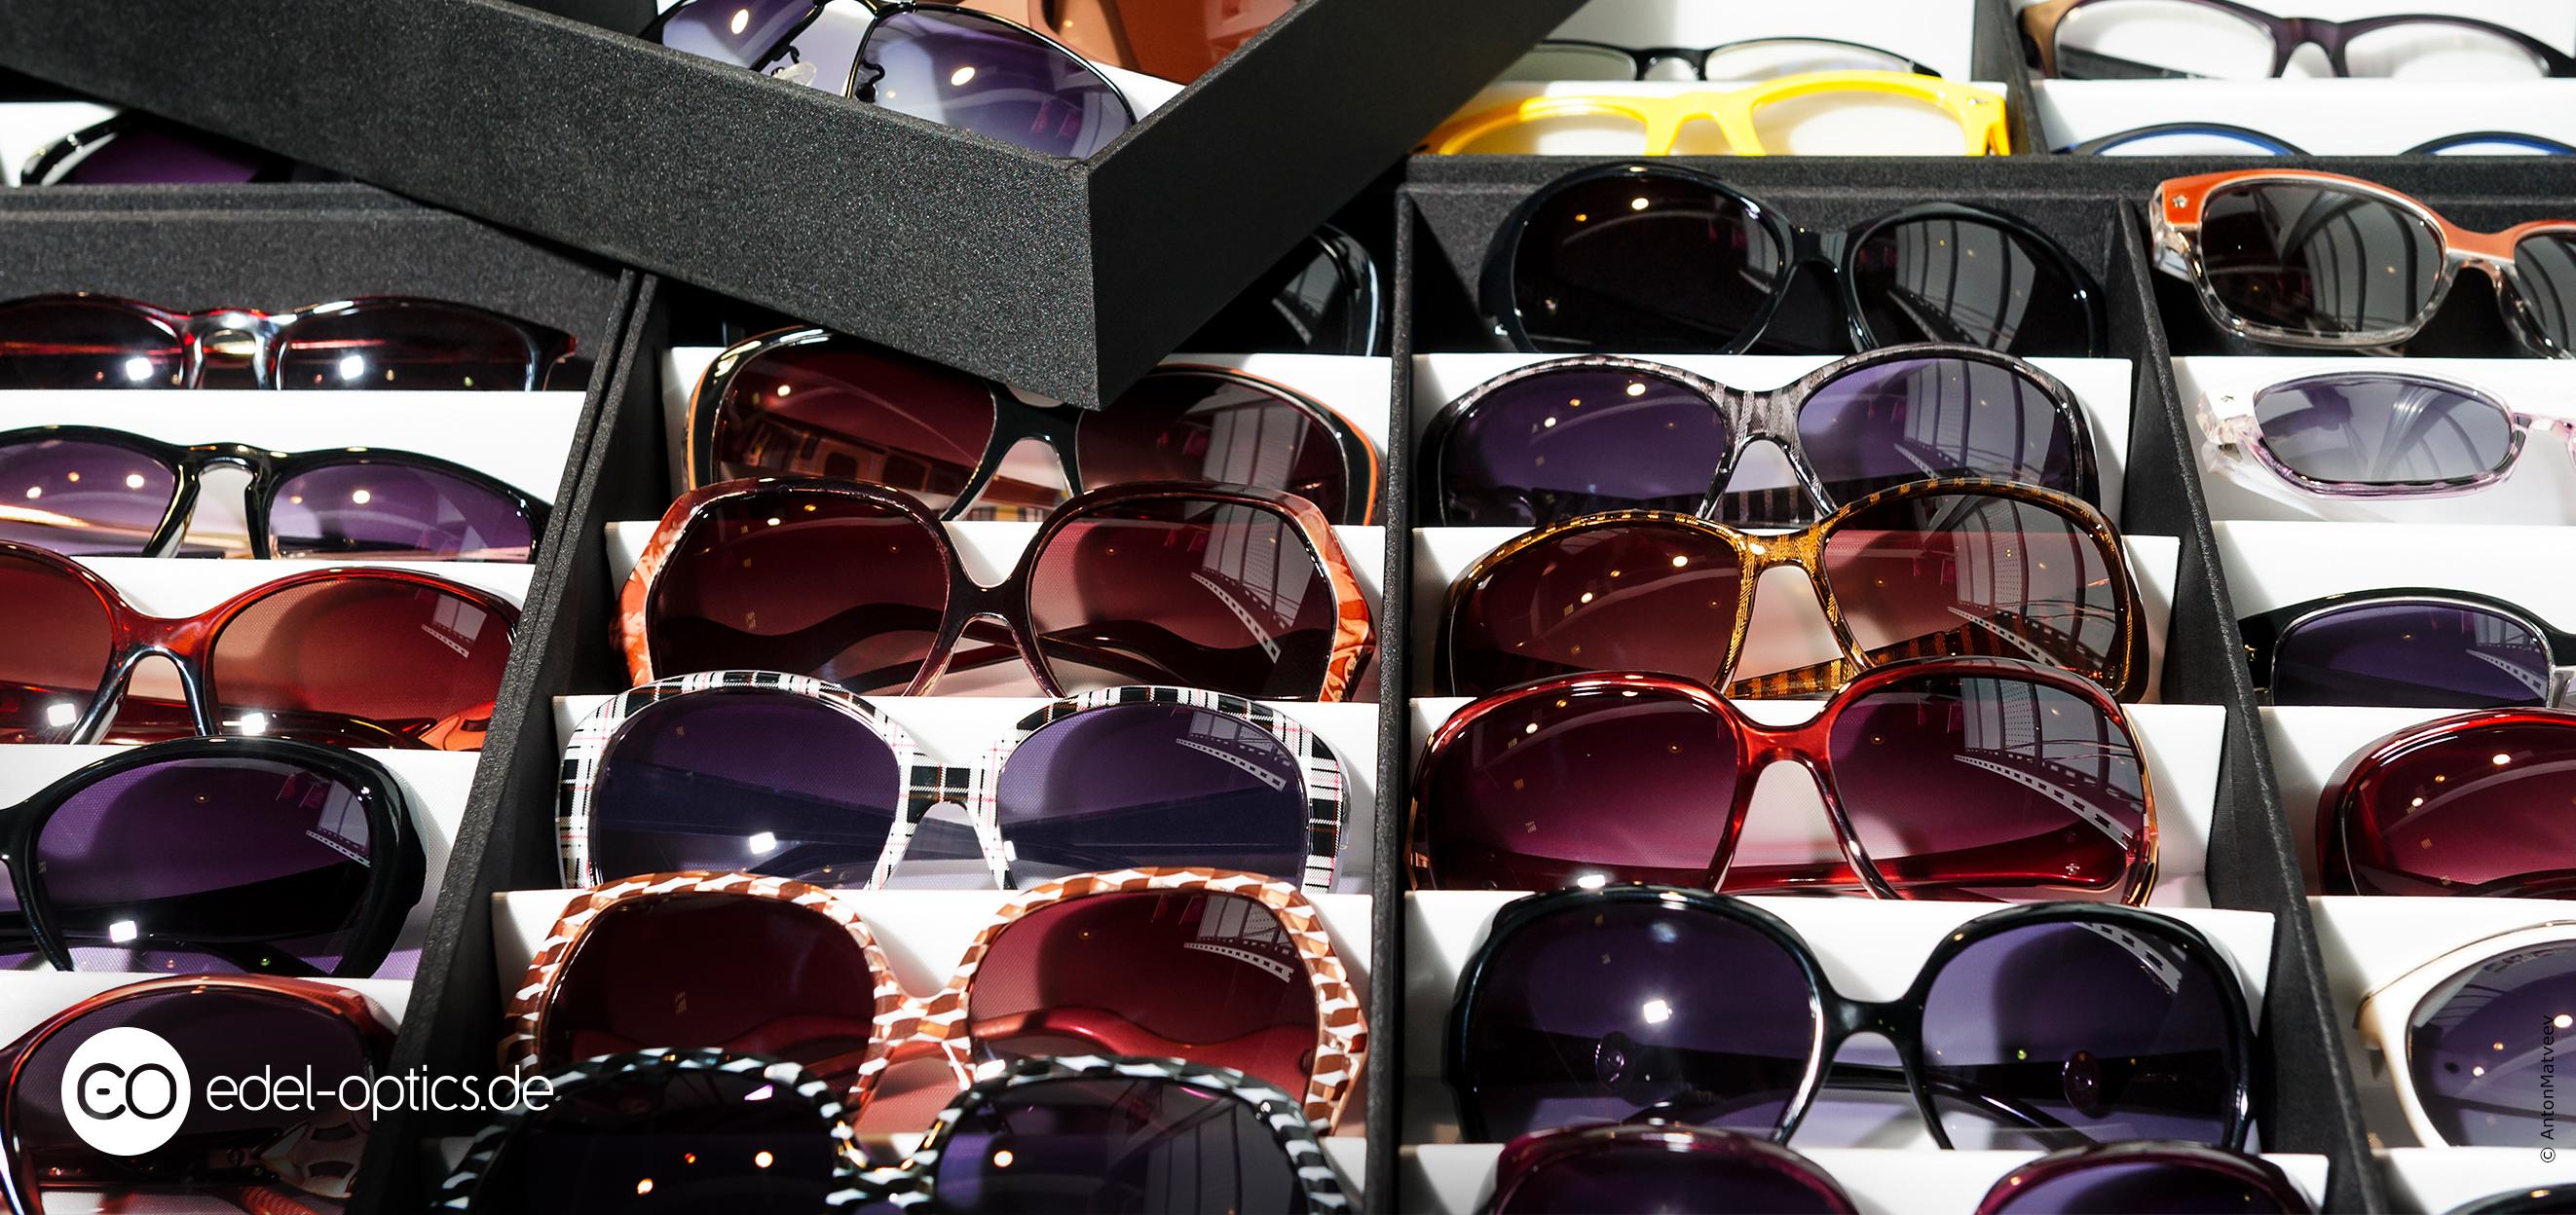 Wie erkenne ich gefälschte Brillen? - Edel Optics Blog